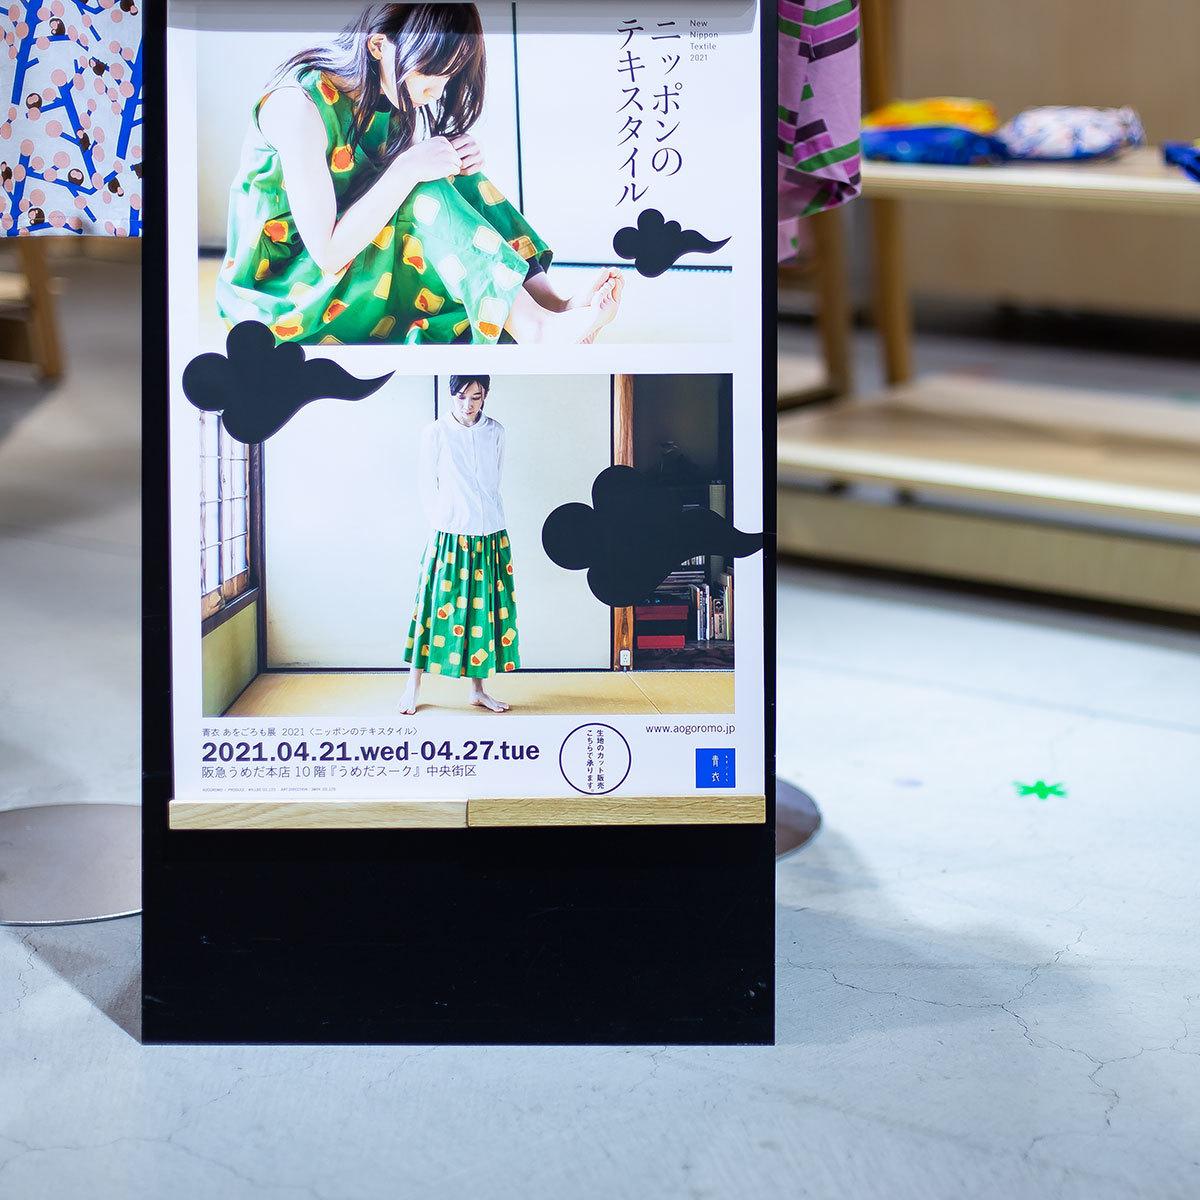 阪急うめだ本店 10階 スーク中央街区(大阪)_e0321916_15075226.jpg